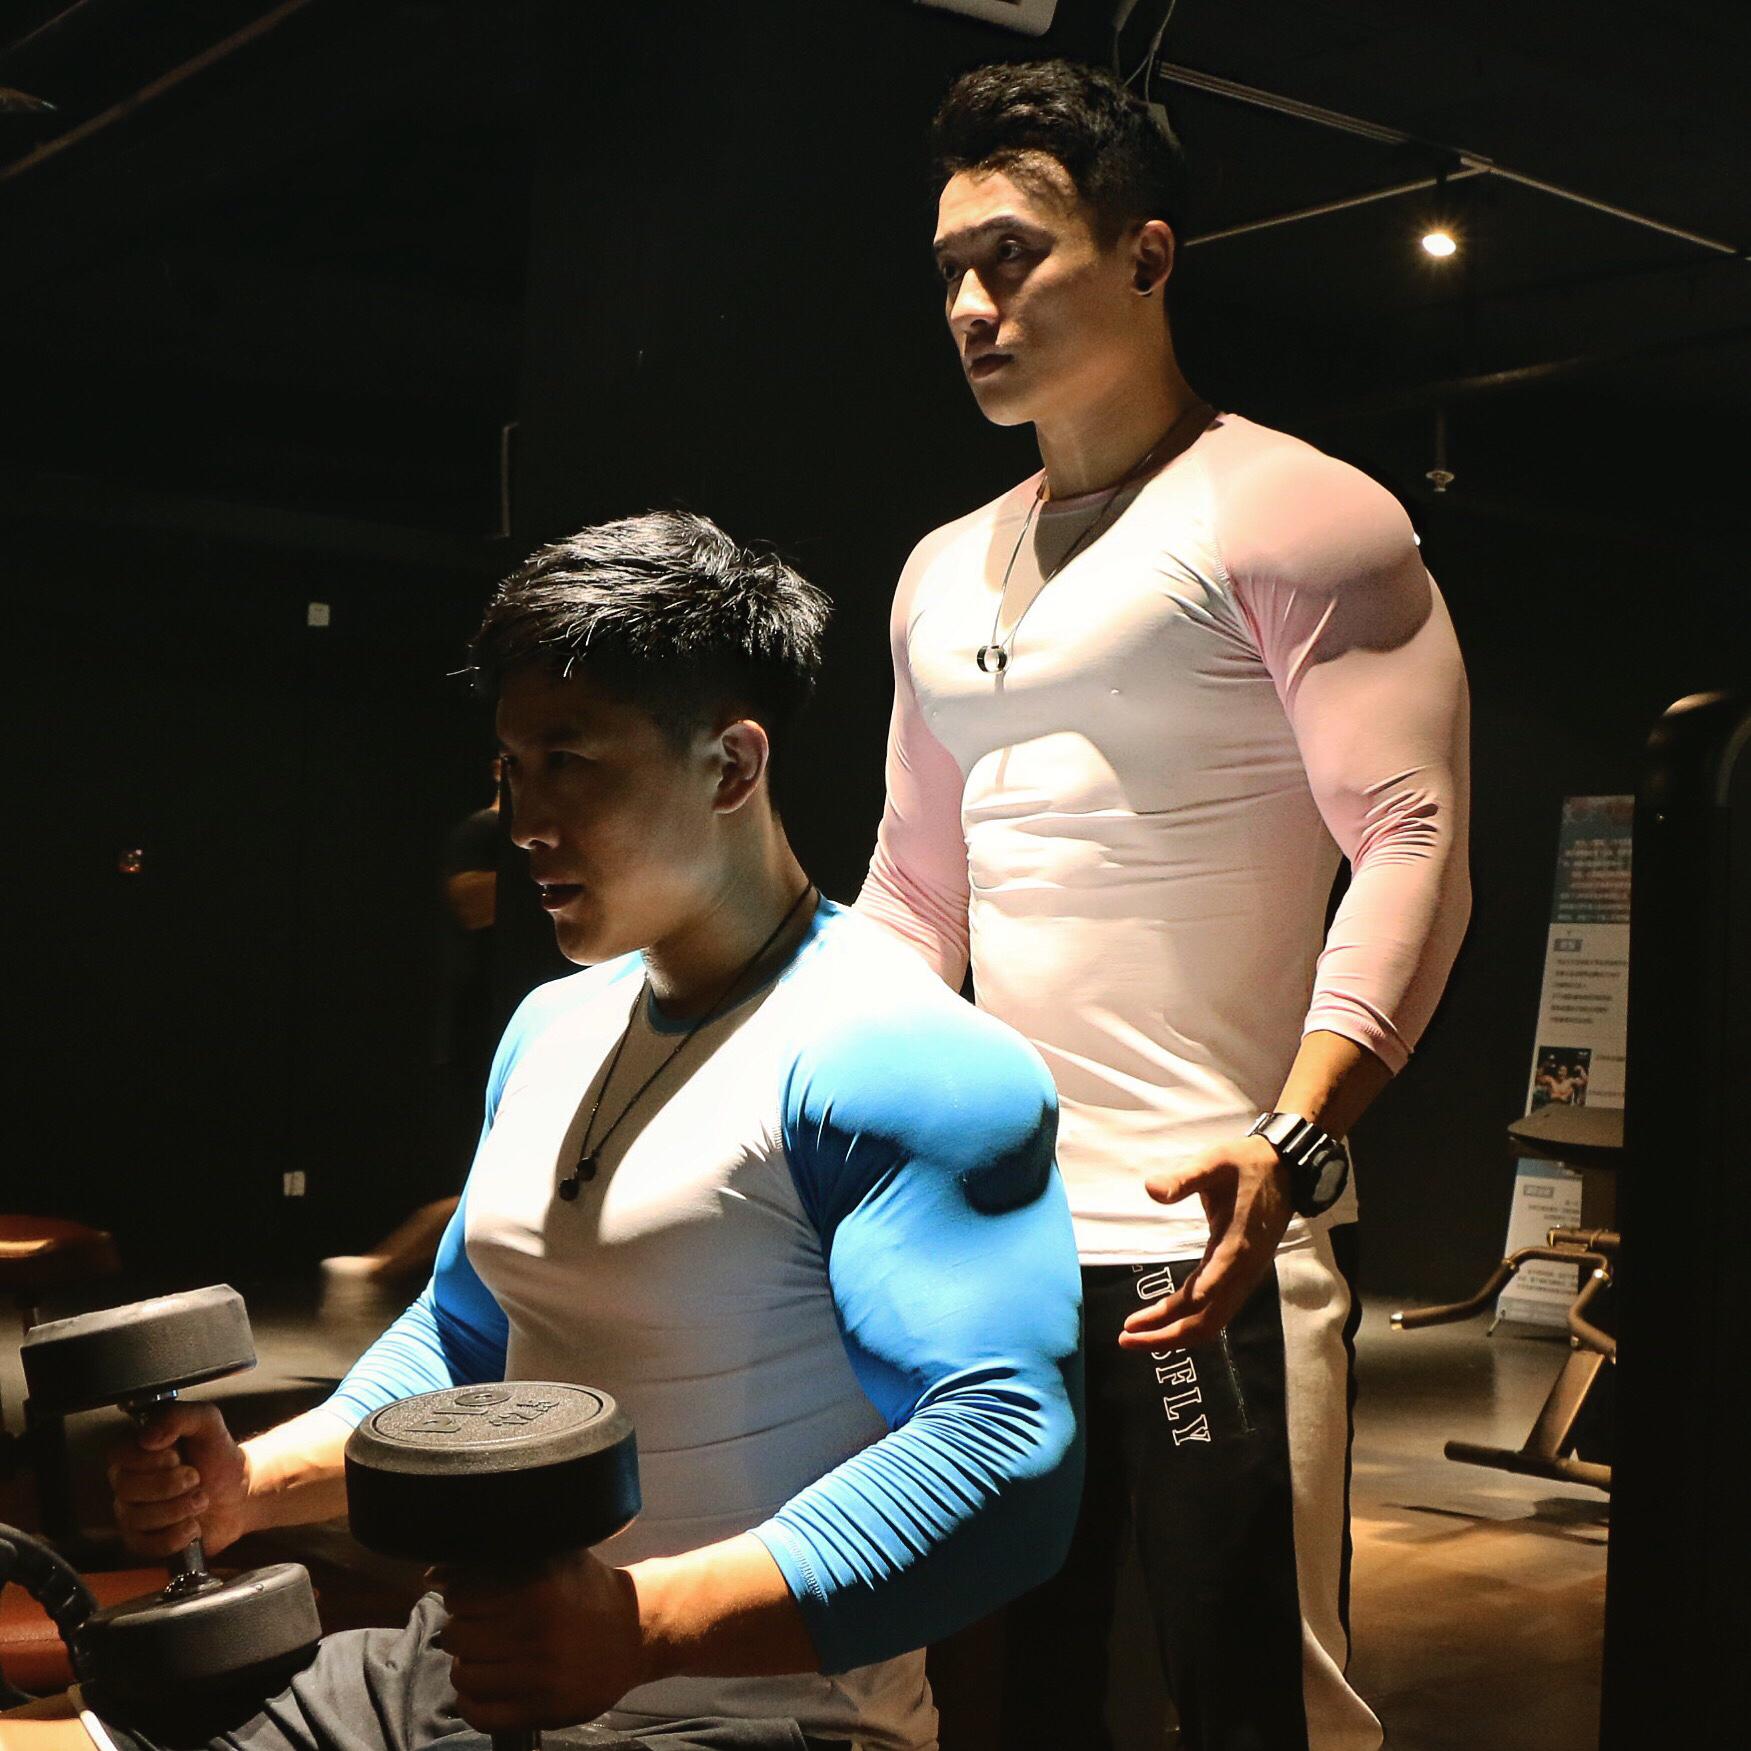 BLUESFLY 健身运动卫衣七分袖T恤男春秋套头衫跑步服保暖透气服